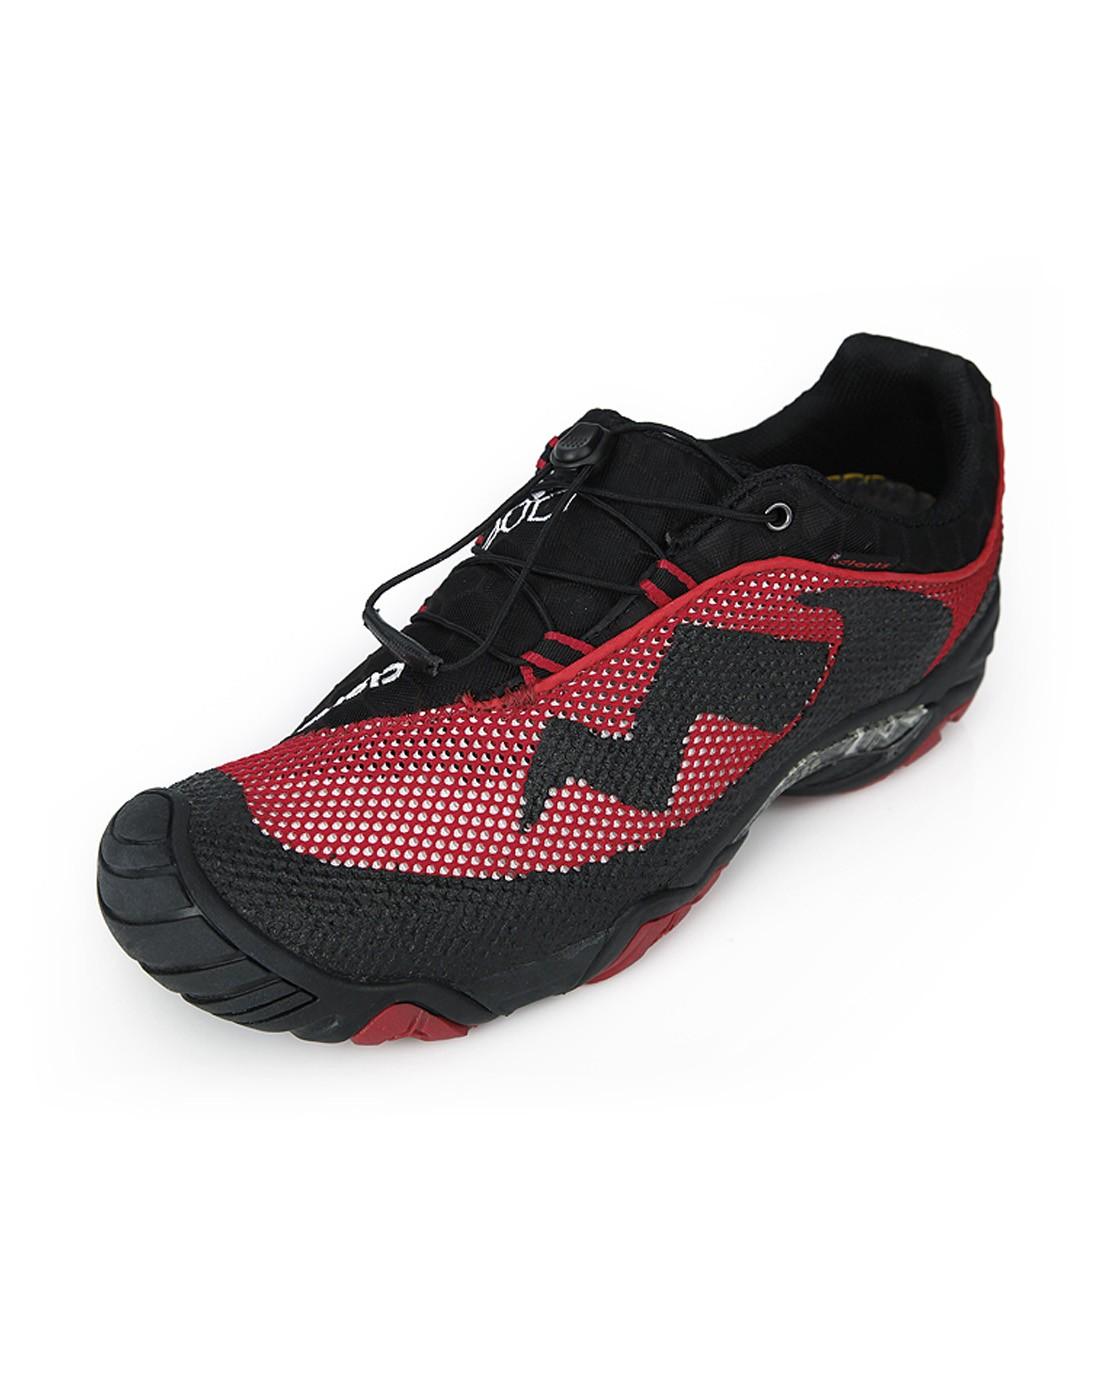 ซื้อรองเท้า บีชชี่ เรือ,รองเท้า บีชชี่ เรือราคา,รองเท้า บีชชี่ เรือแบรนด์,รองเท้า บีชชี่ เรือผู้ผลิต,รองเท้า บีชชี่ เรือสภาวะตลาด,รองเท้า บีชชี่ เรือบริษัท